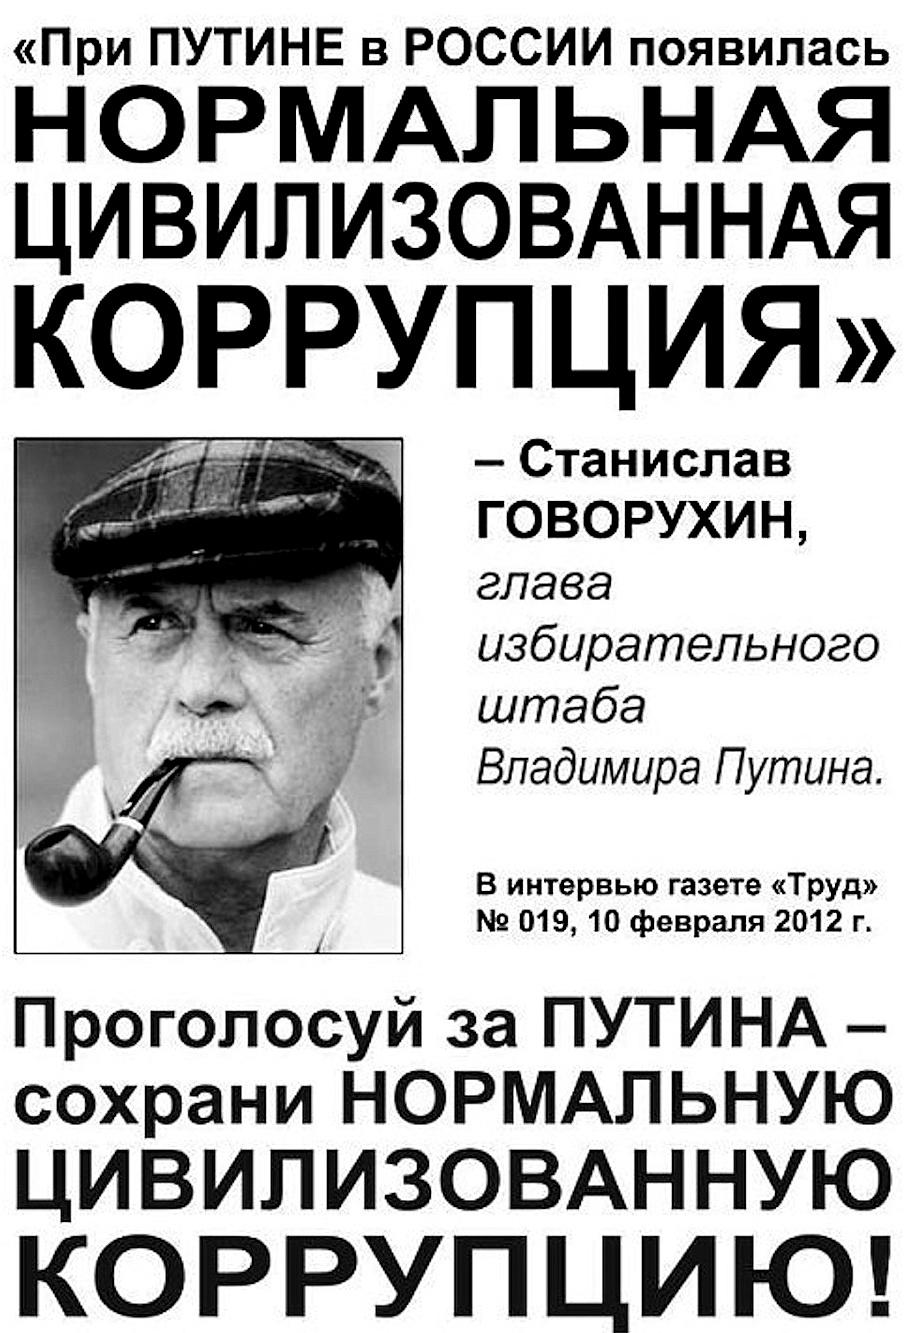 говорухин о путине.png